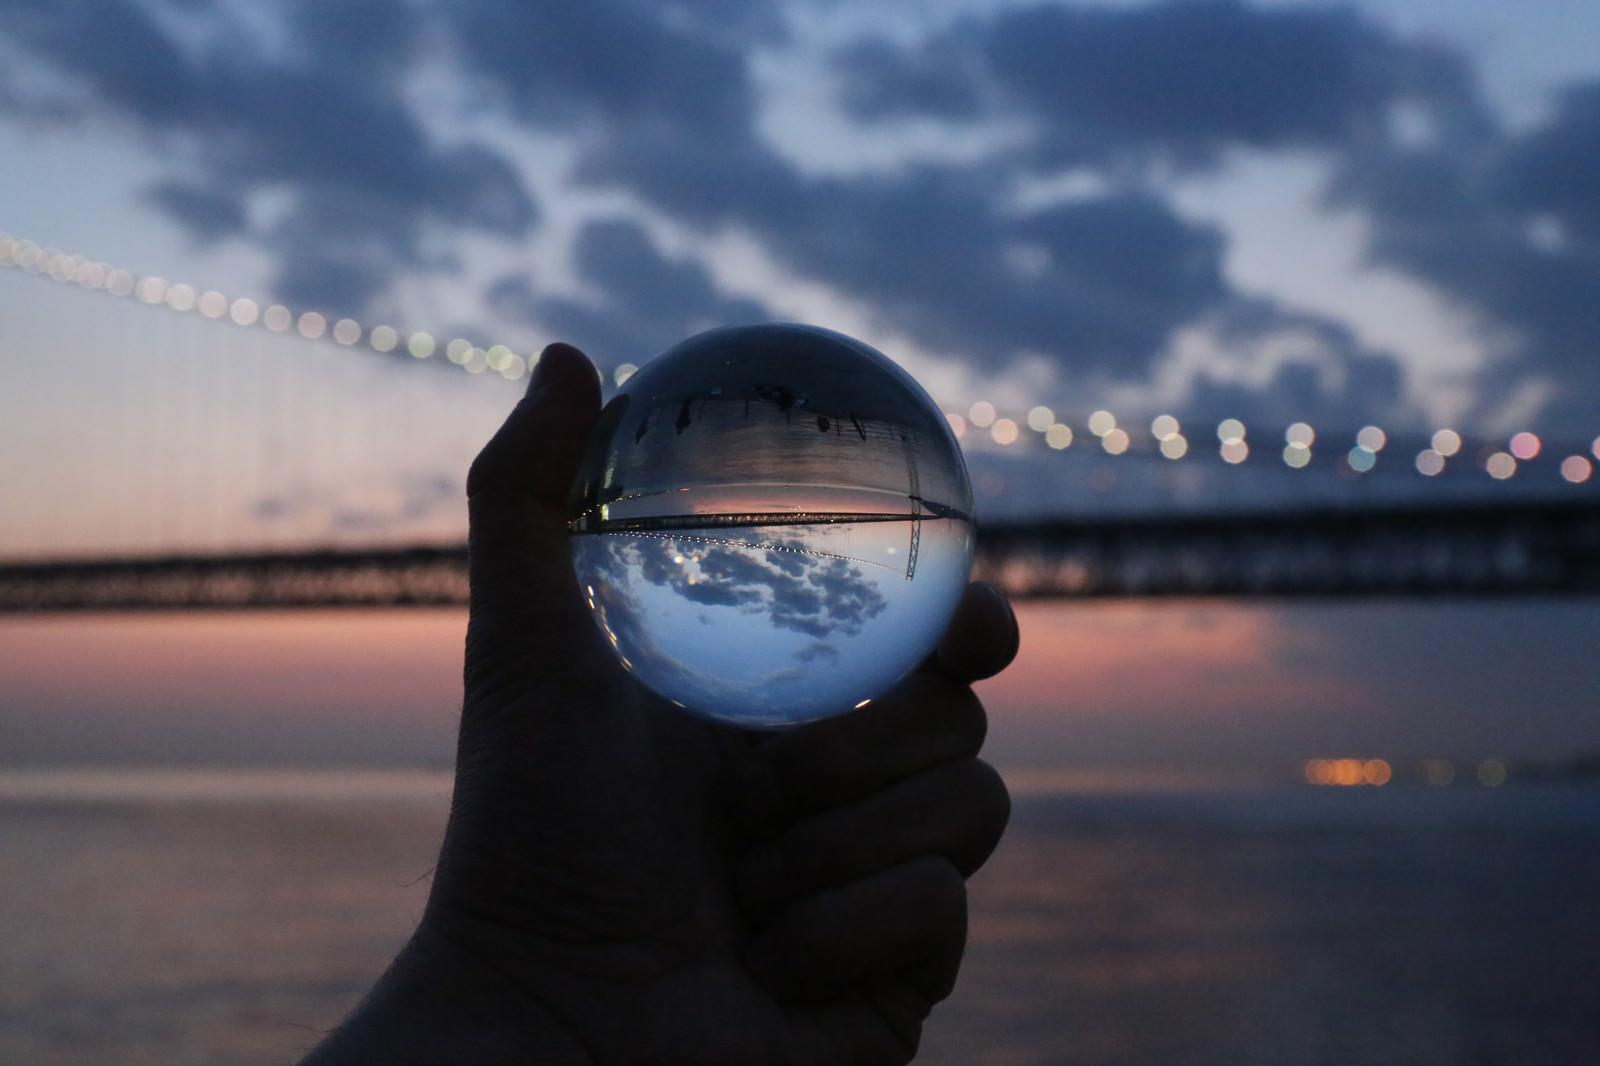 「水晶玉の中に映り込む大橋」の写真